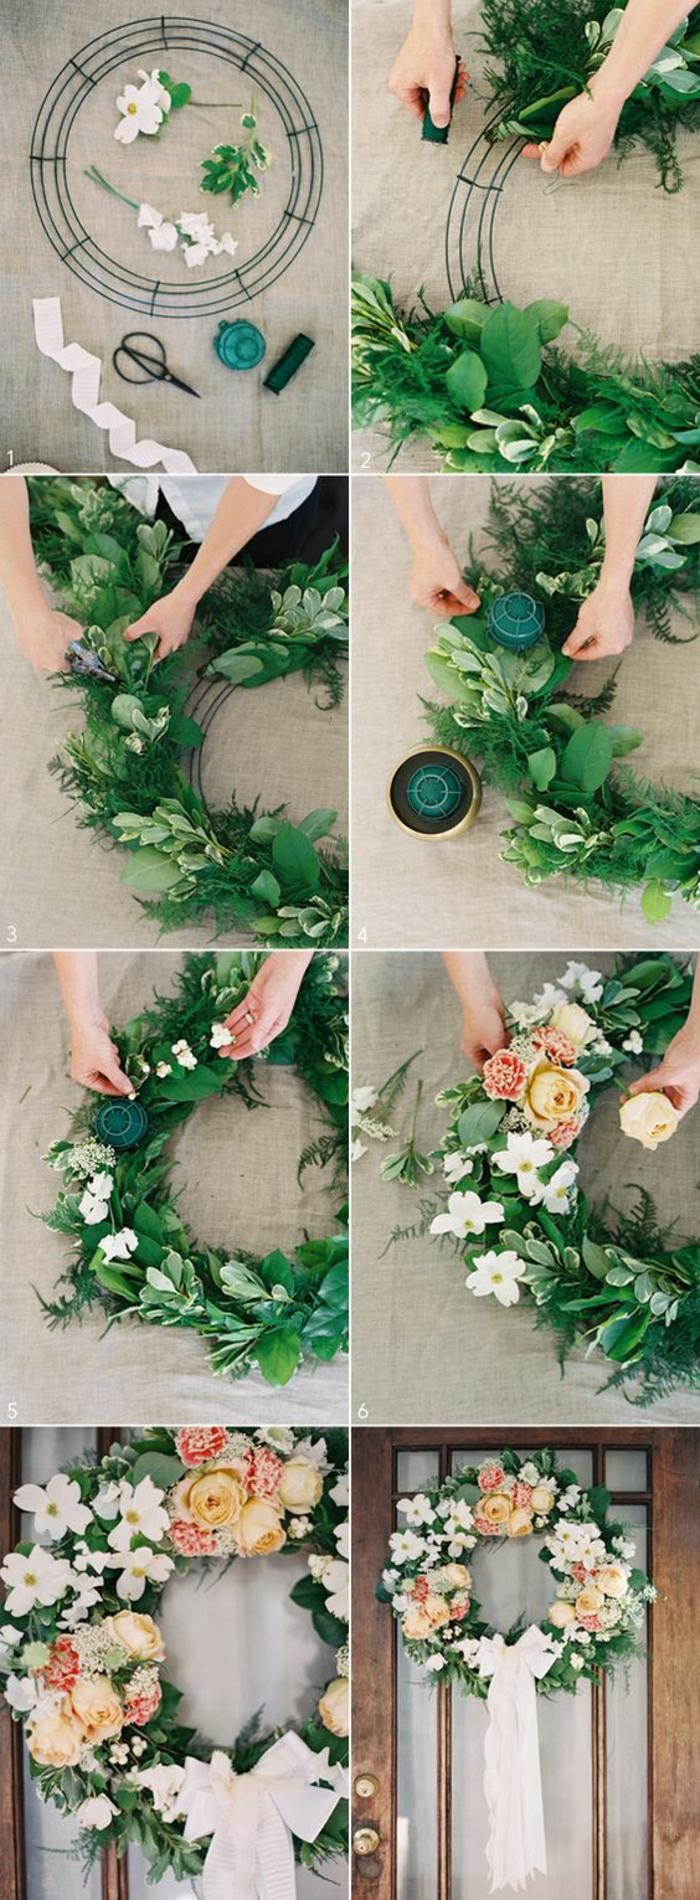 frühlingsdekoration selber machen, kranz mit grünen zweigen und blumen dekorieren